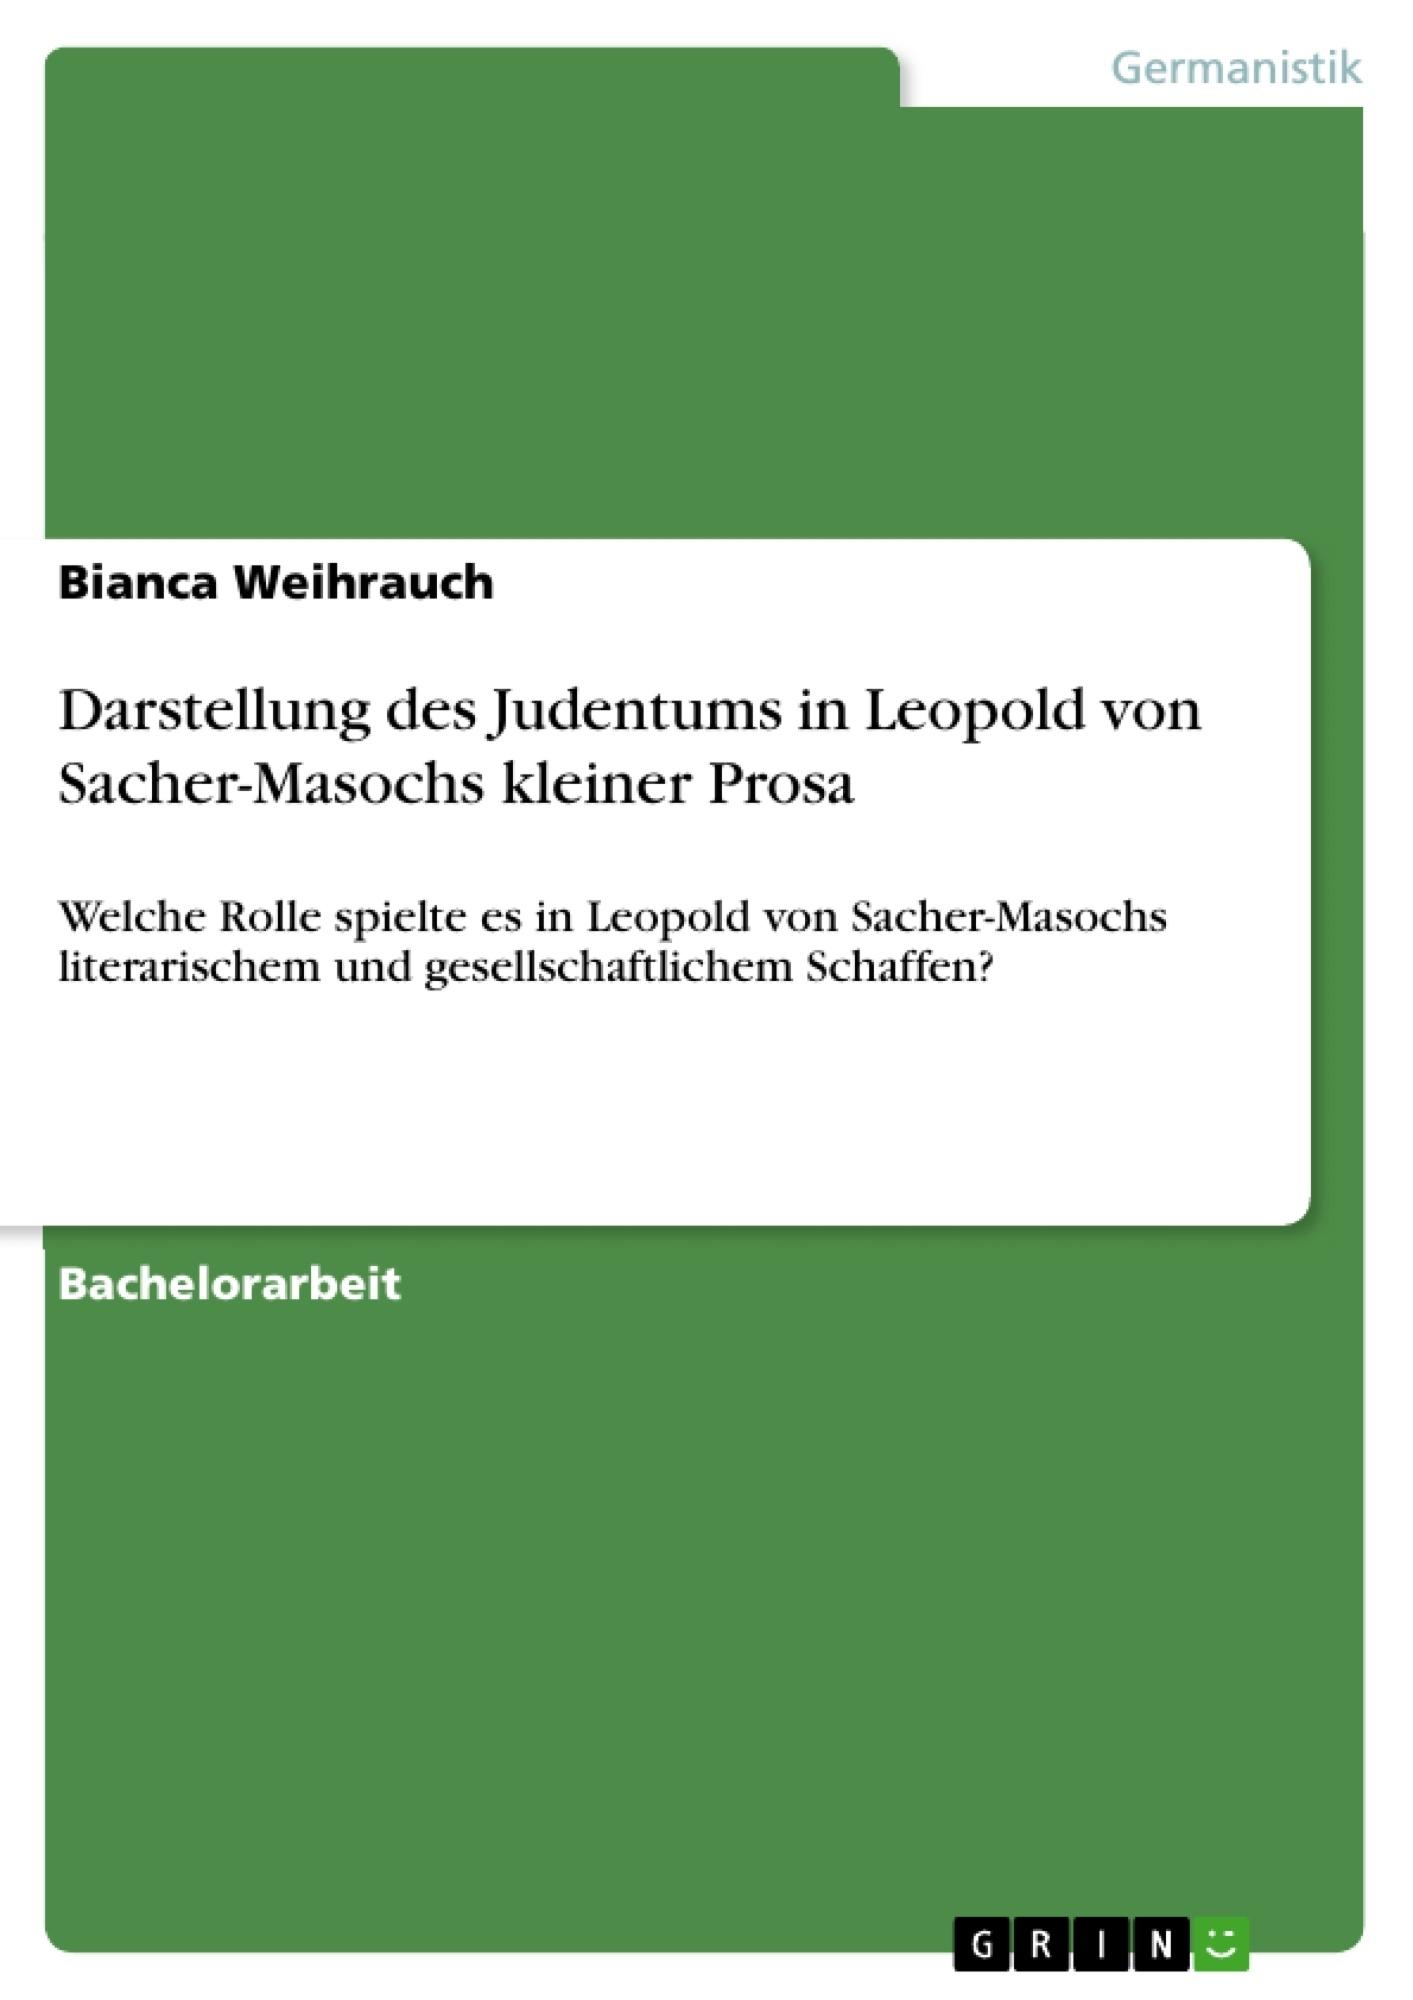 Titel: Darstellung des Judentums in Leopold von Sacher-Masochs kleiner Prosa